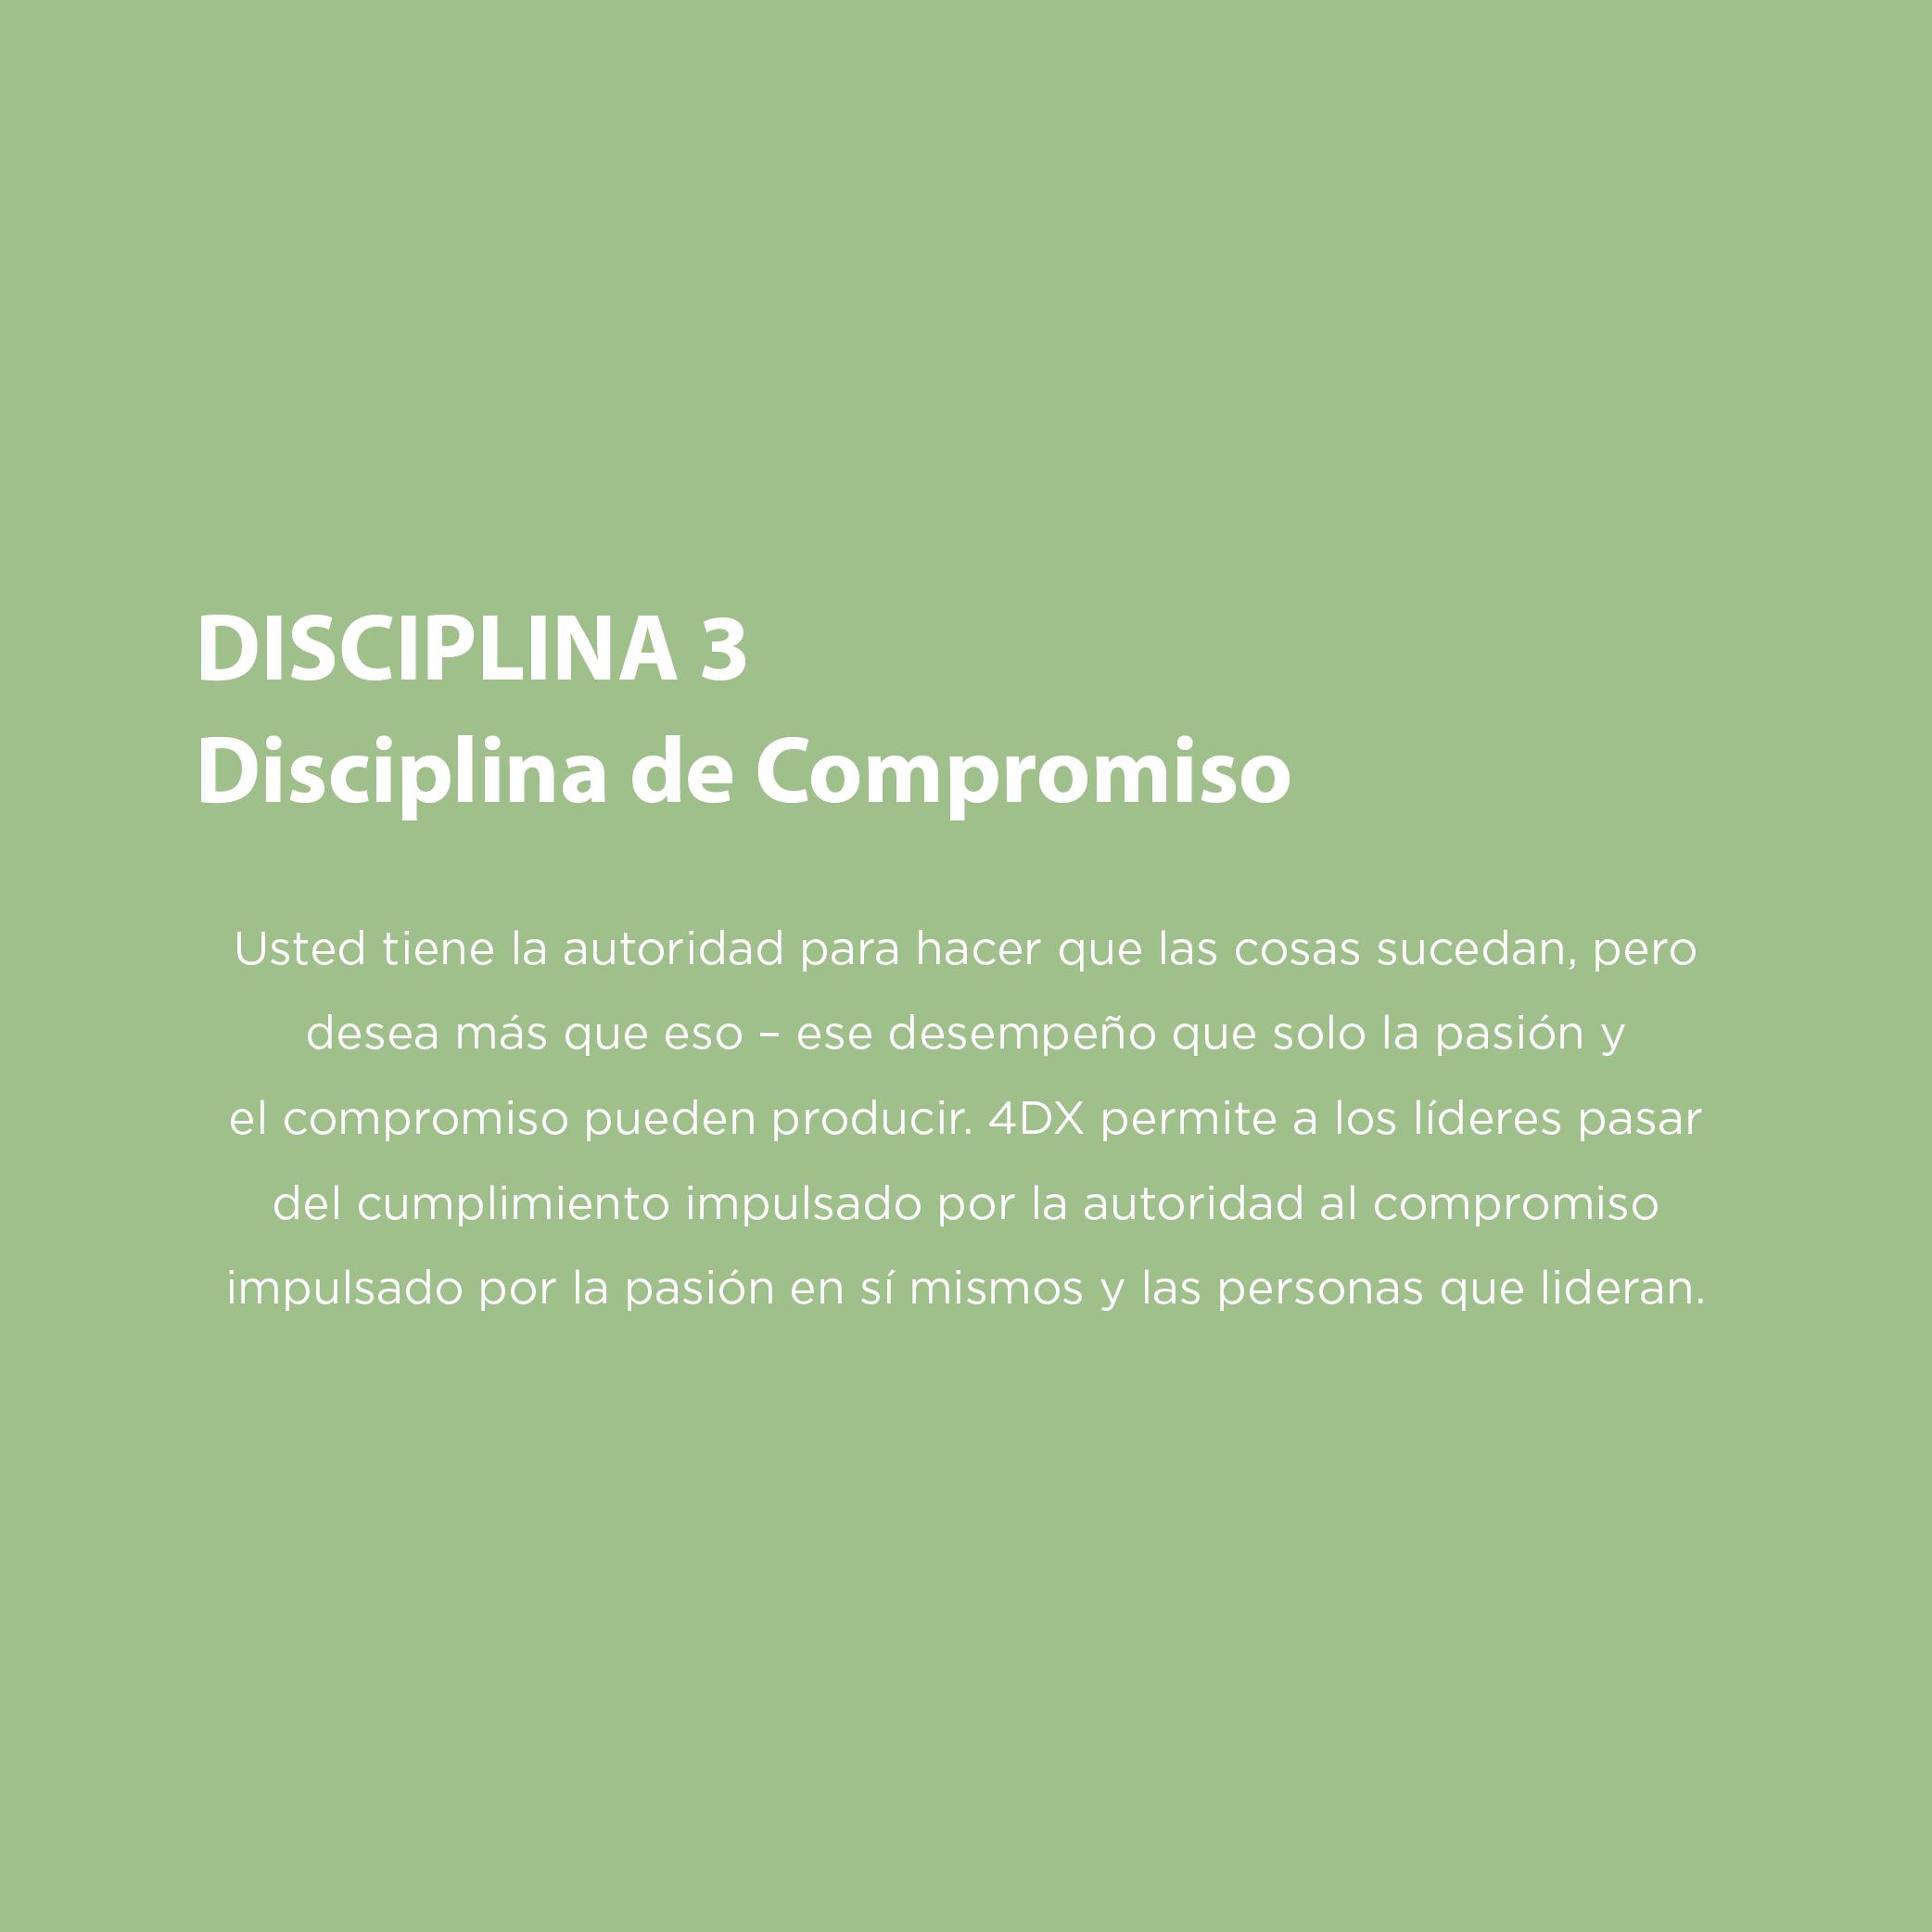 Disciplina3-01.png